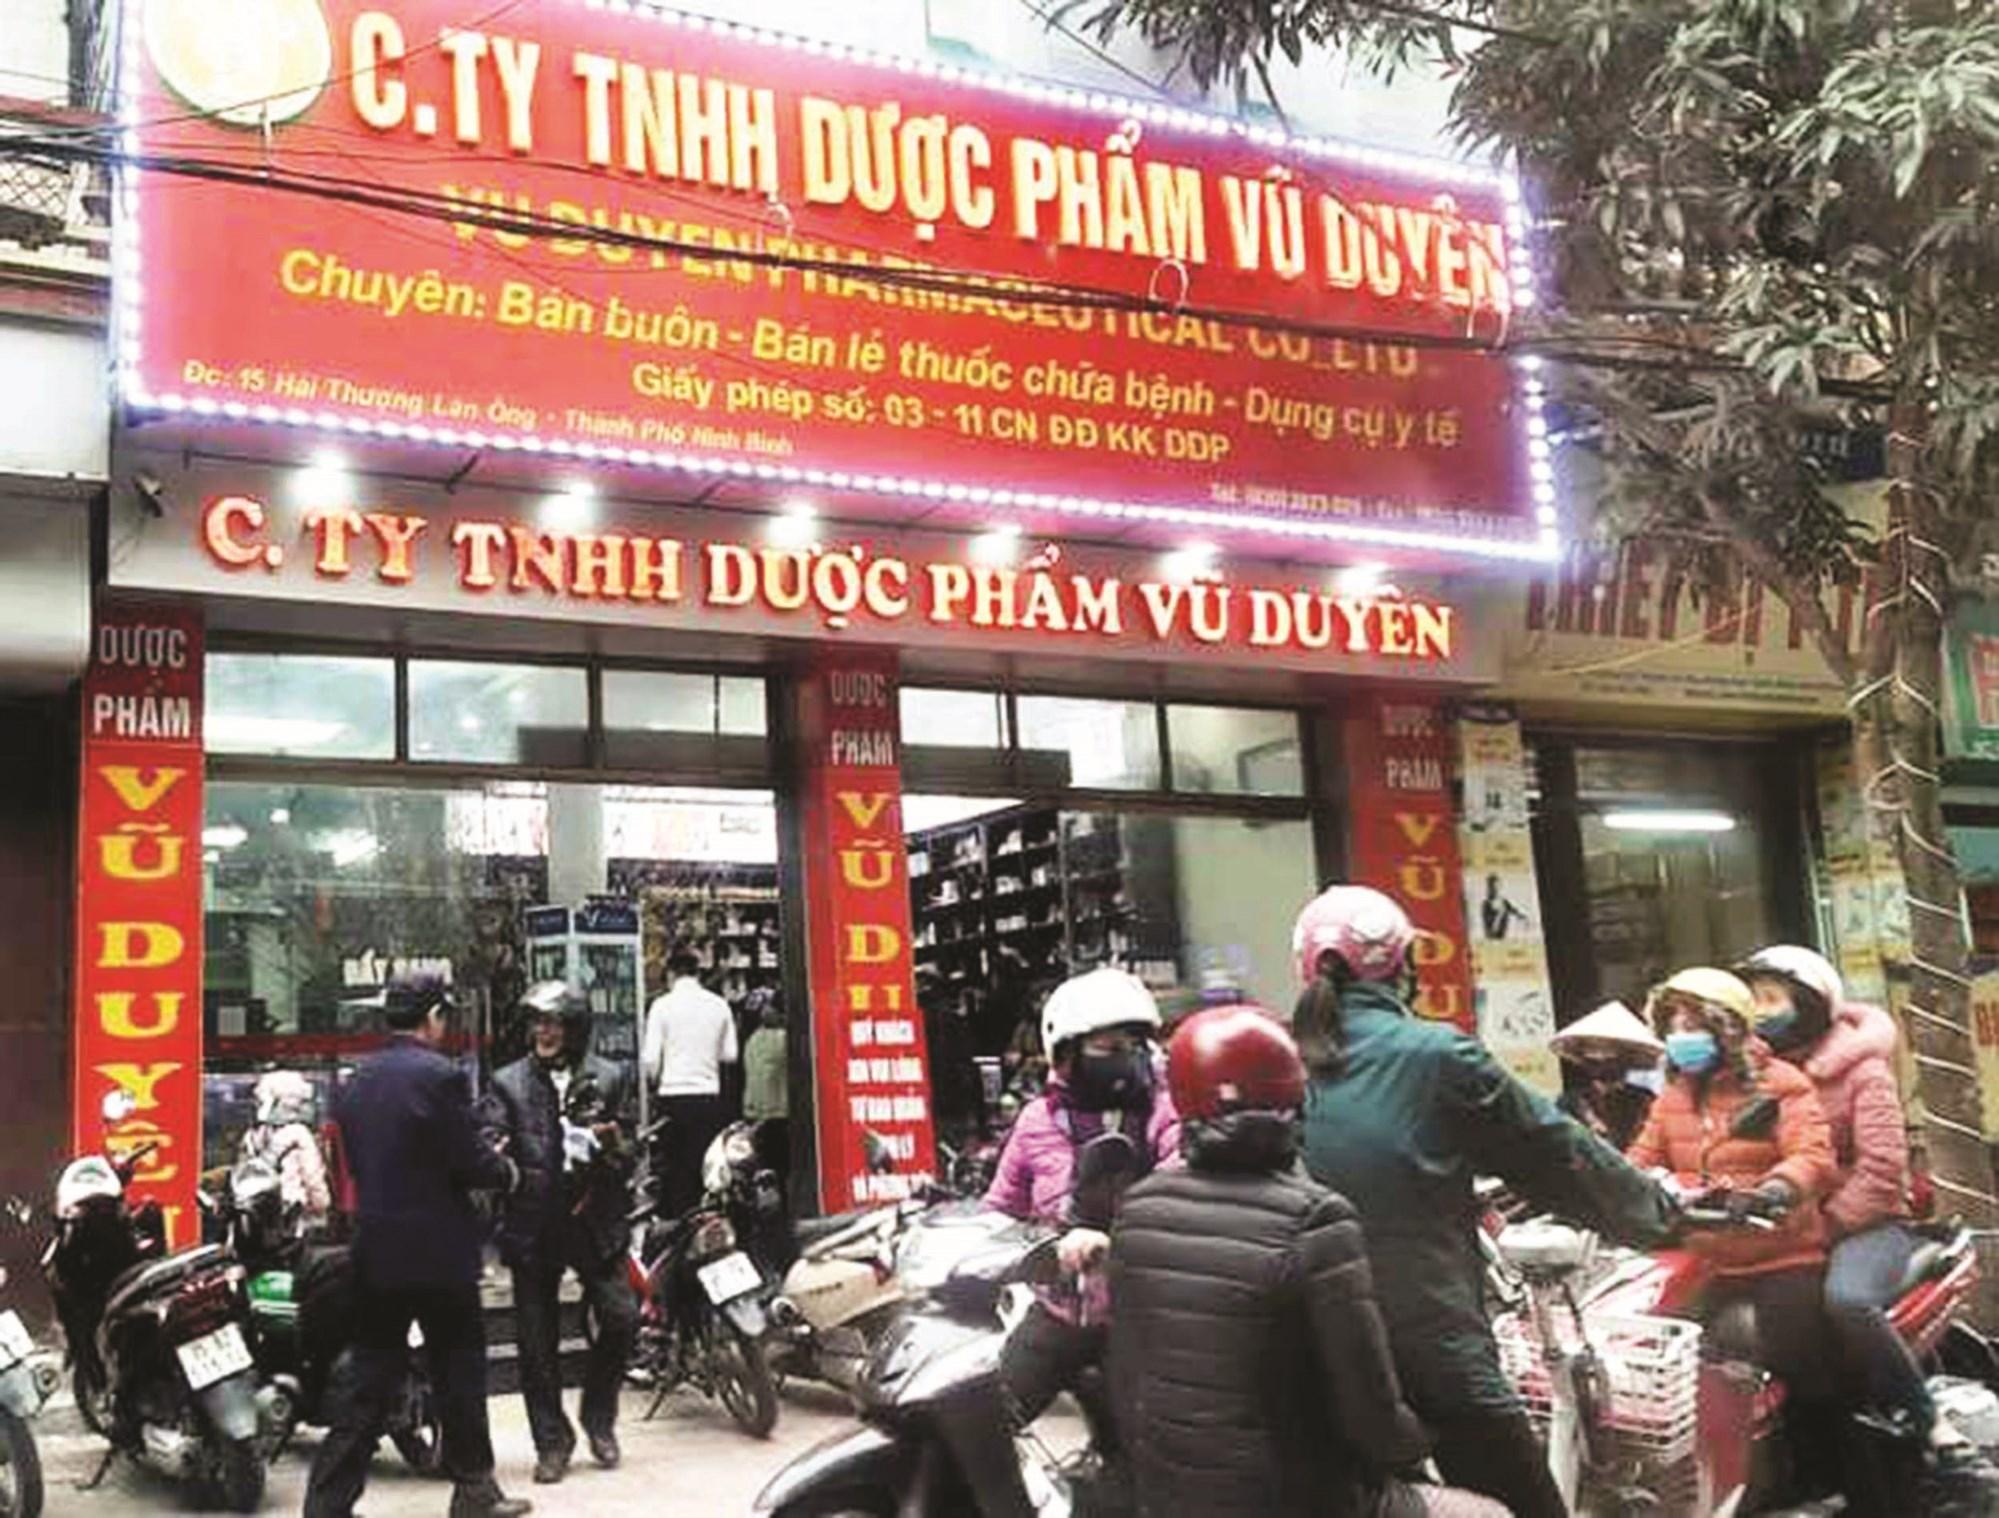 Công ty TNHH Dược phẩm Vũ Duyên bị phạt 15 triệu đồng vì tăng giá bán khẩu trang.